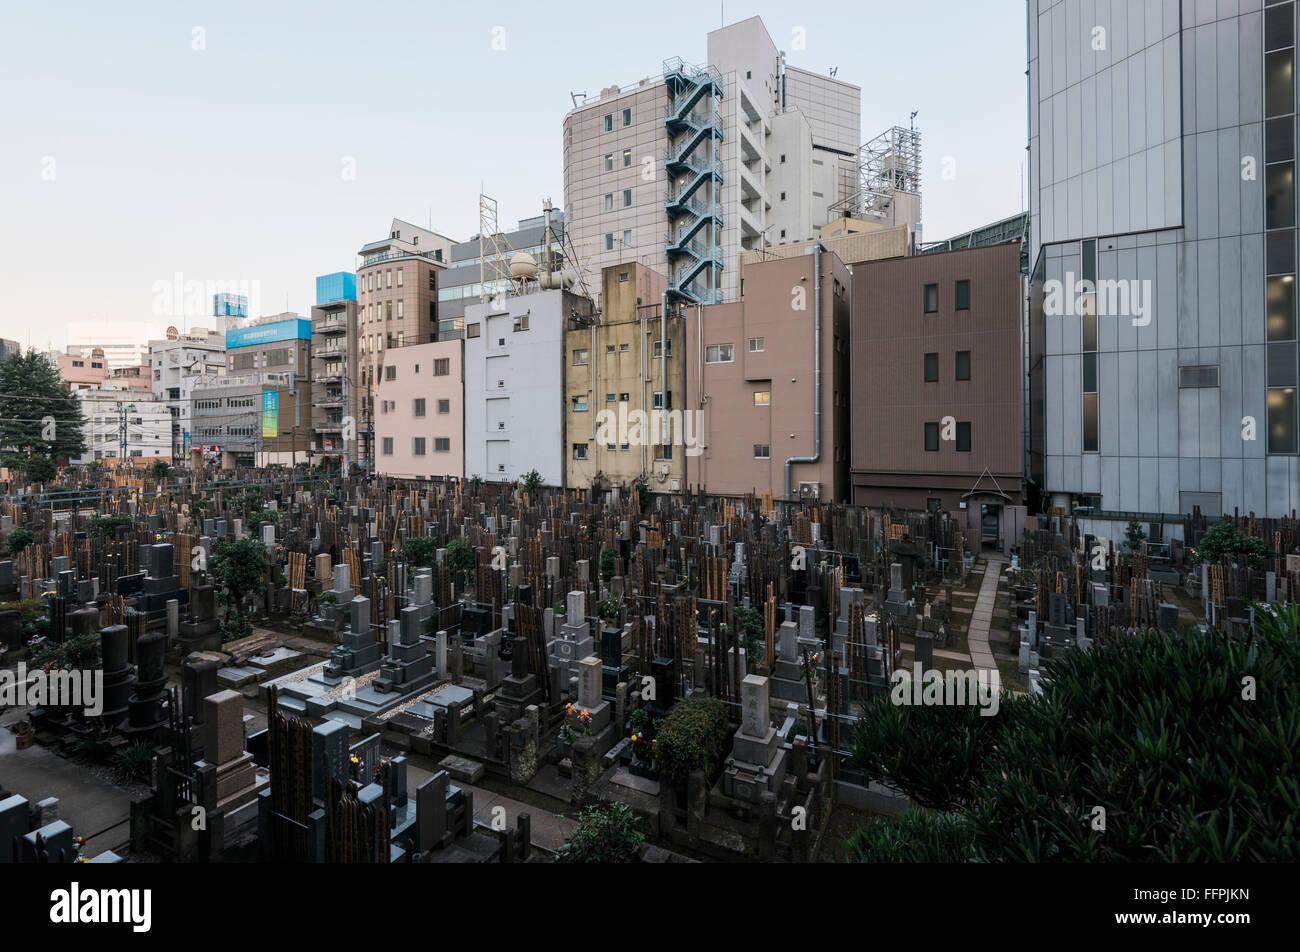 Tokio, Japón - El 17 de enero de 2016: Cementerio Jōen-ji en Shinjuku, Tokio. Foto de stock